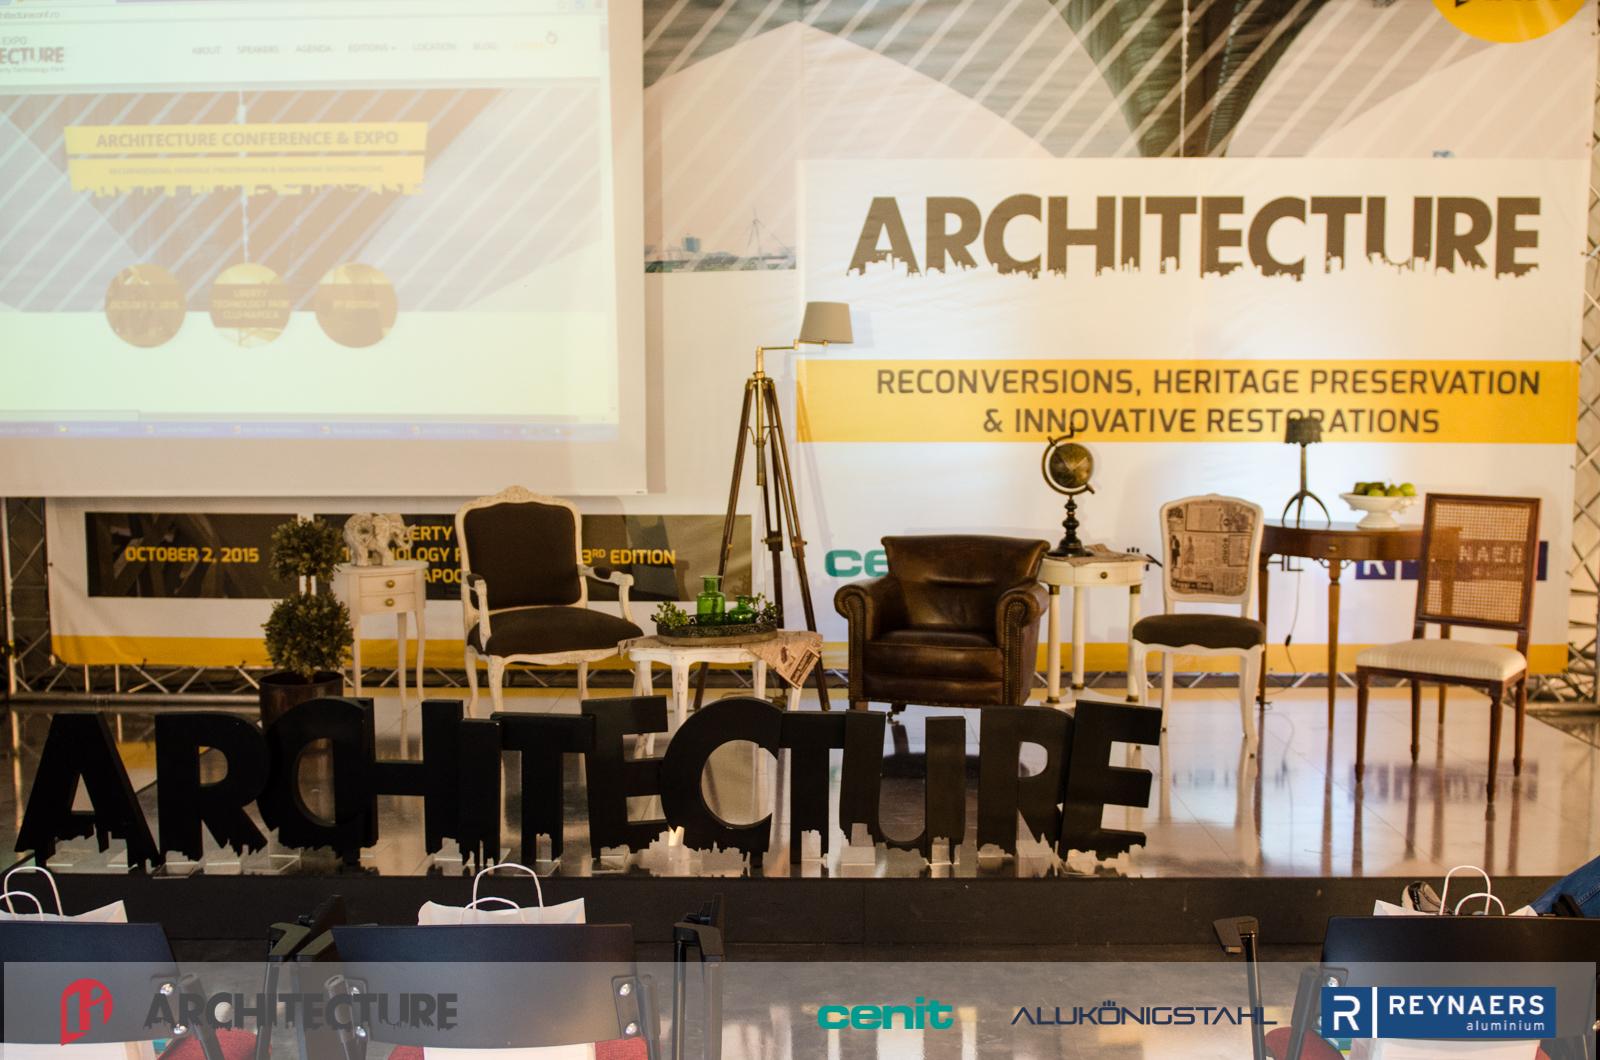 Architecture Conference&Expo a reunit peste 300 de arhitecți din România